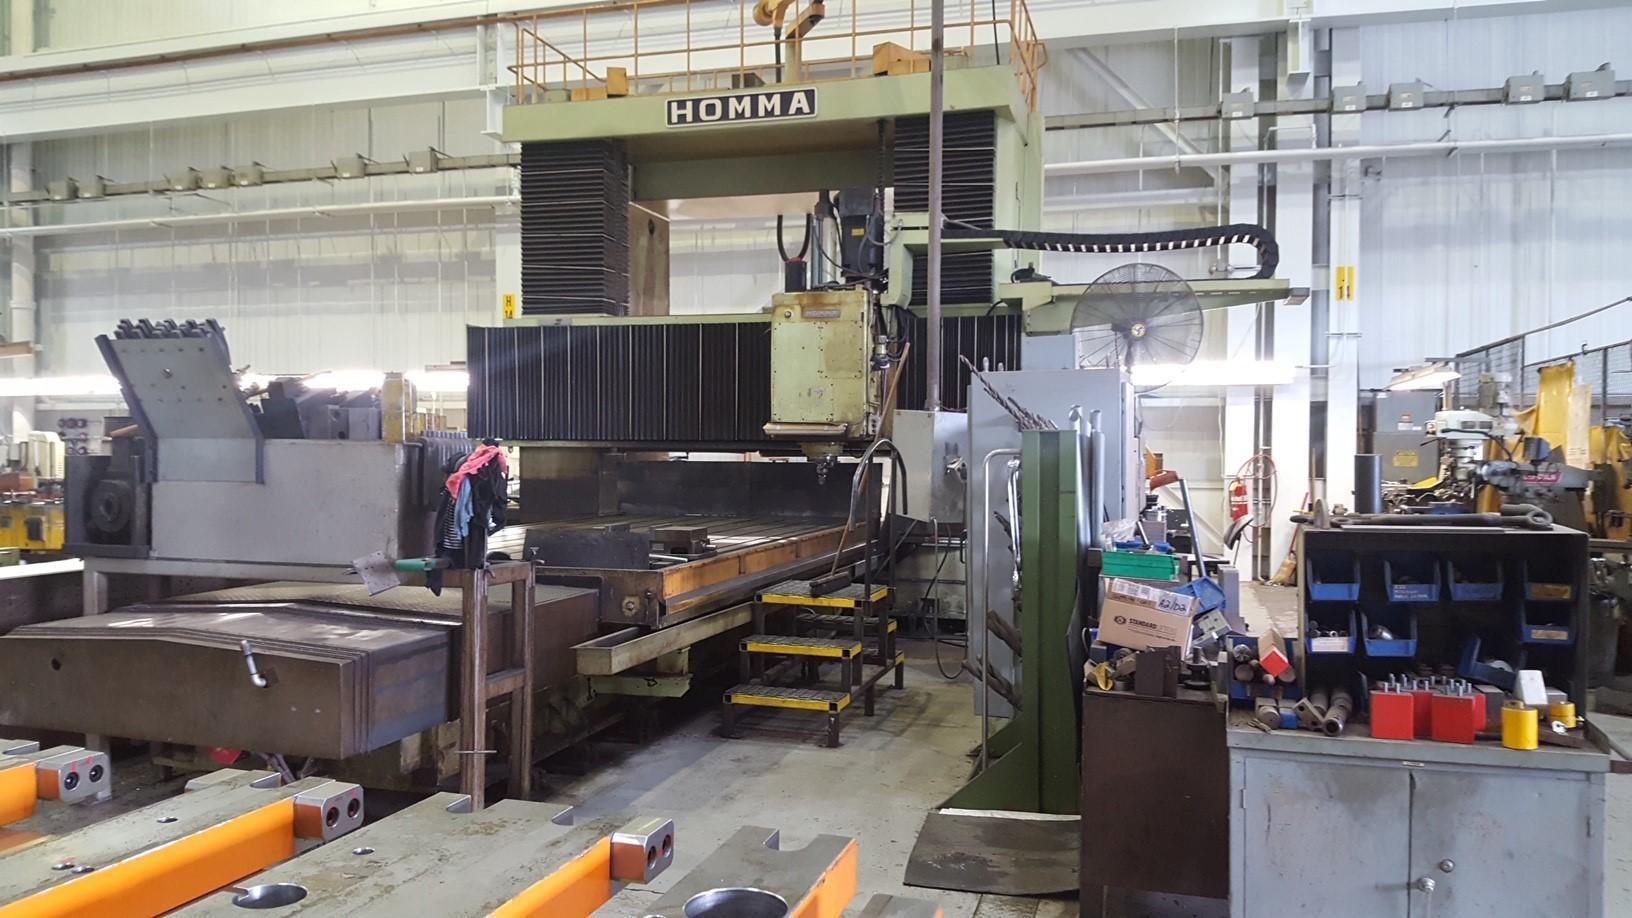 Homma HB-22/40-PM10 CNC Bridge Mill